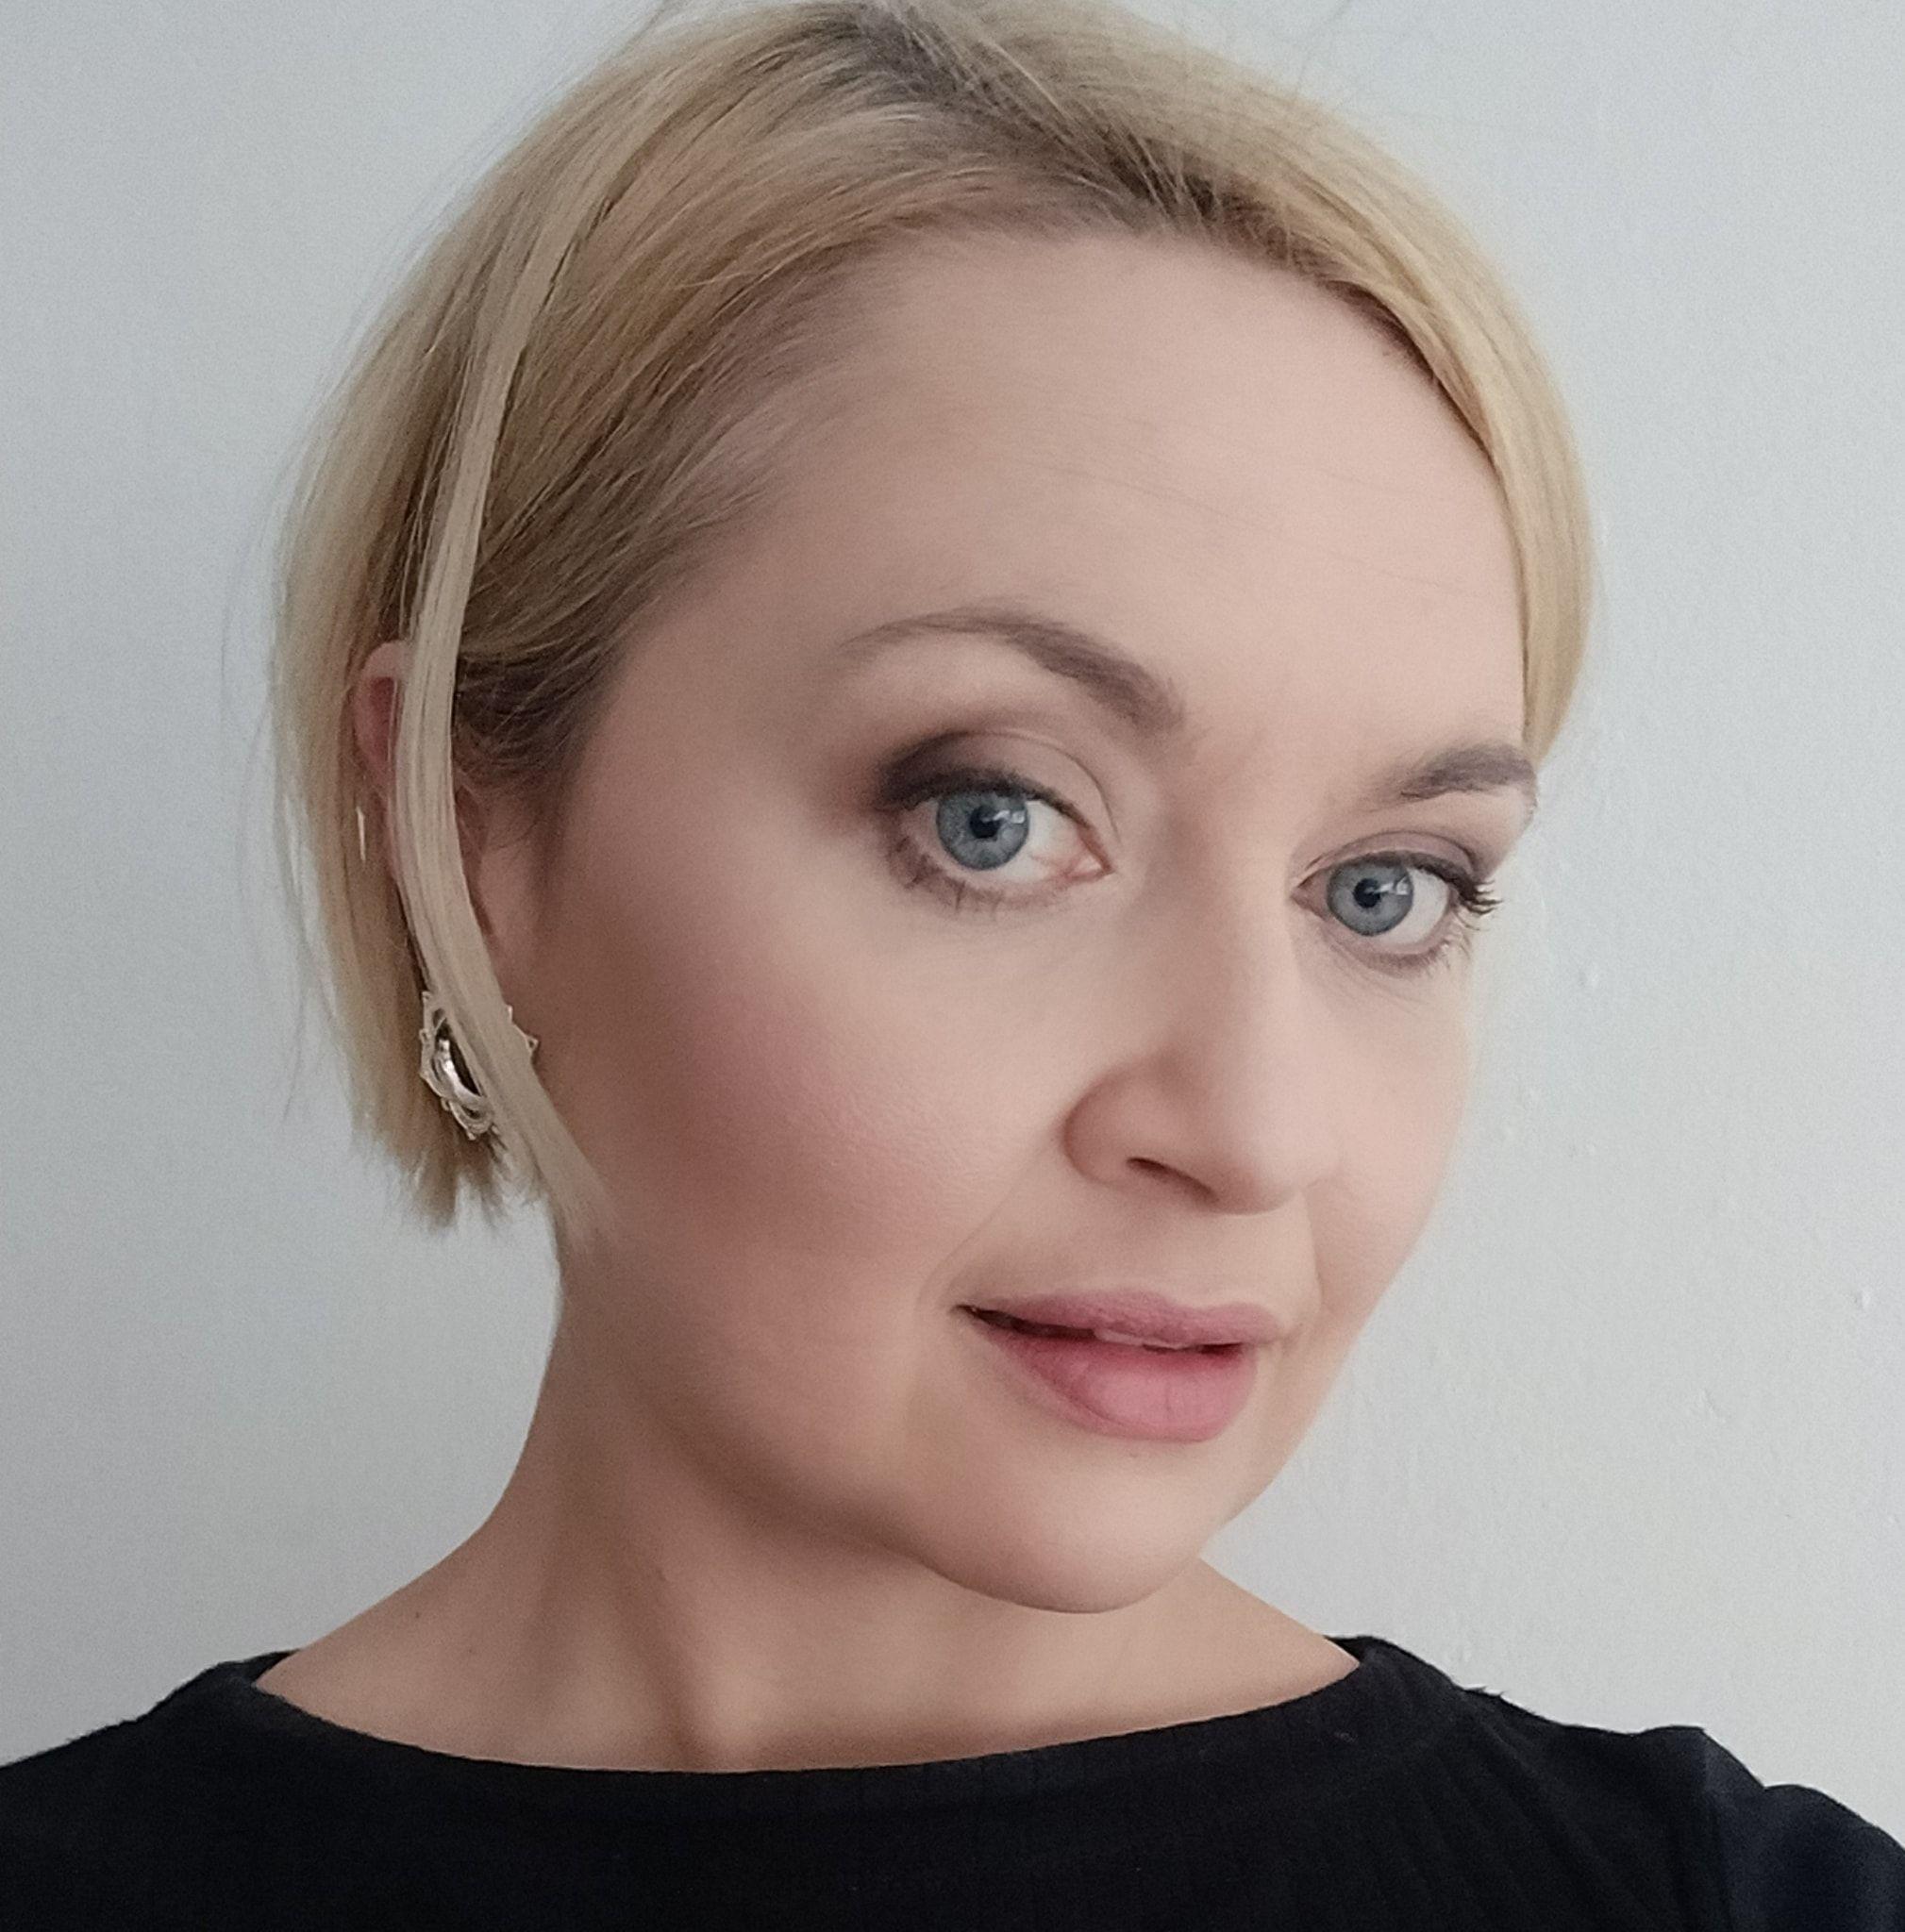 Dobrusia Hacker Noon profile picture